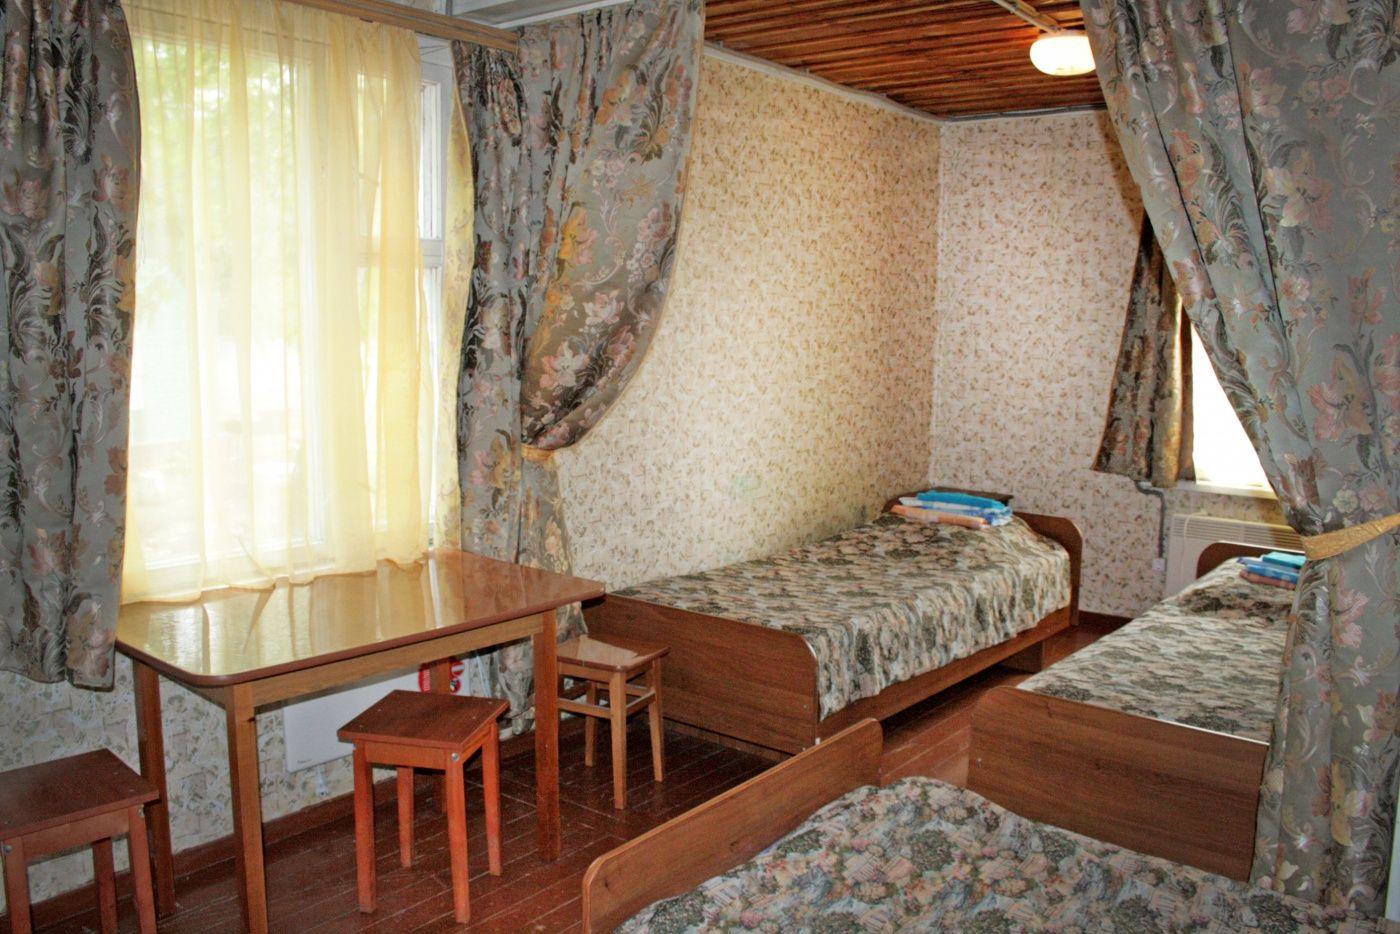 Загородный комплекс «Алые паруса» Самарская область 3-местные номера № 5, фото 3